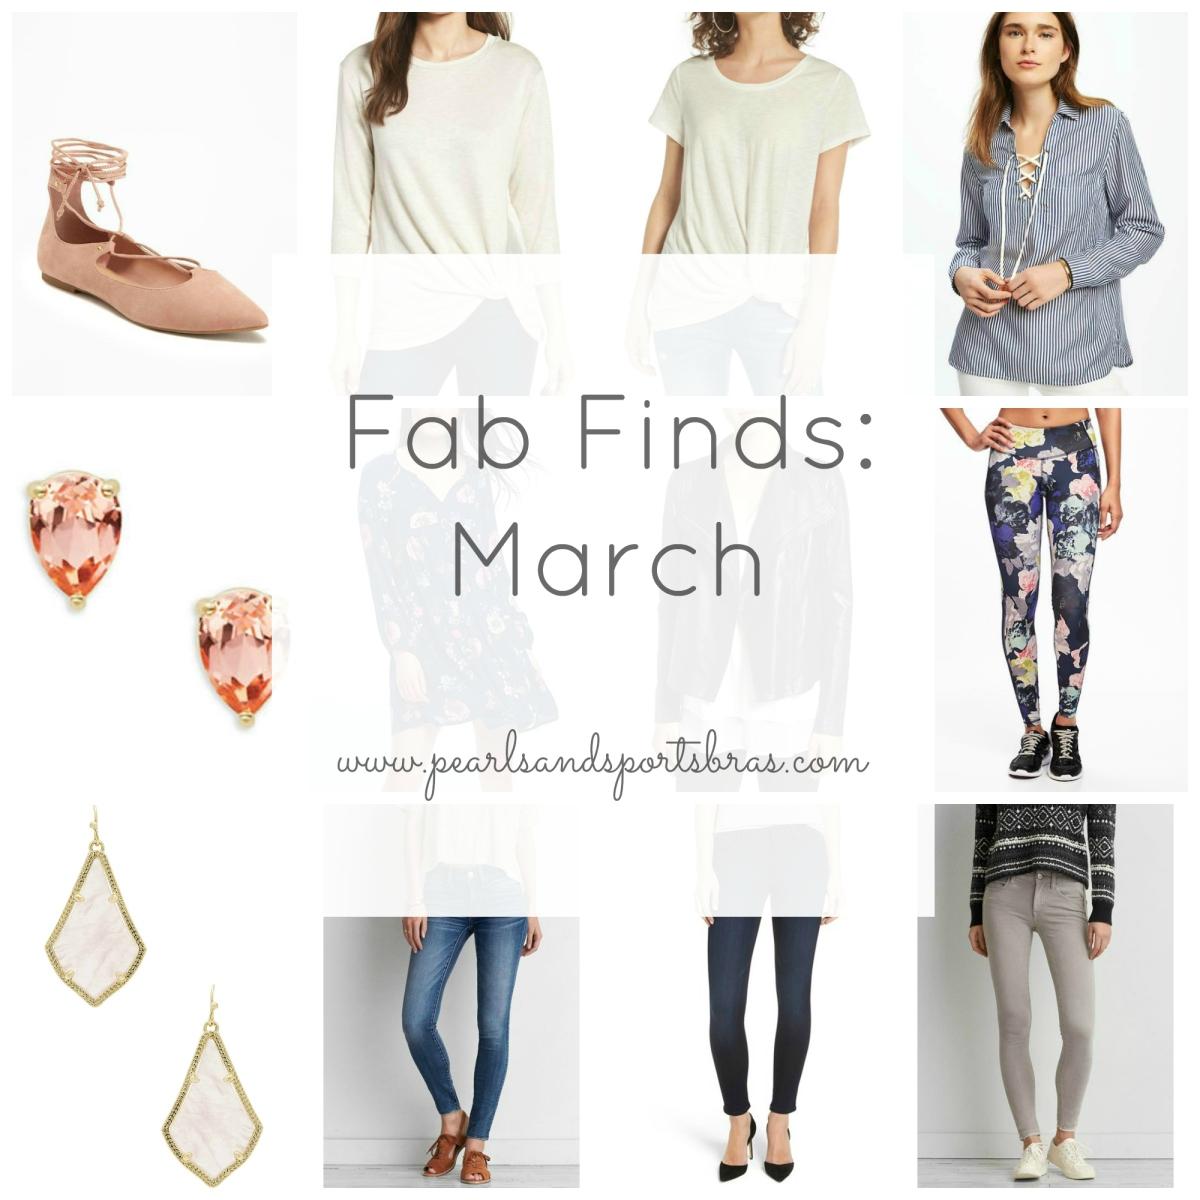 Fab Finds March |www.pearlsandsportsbras.com|